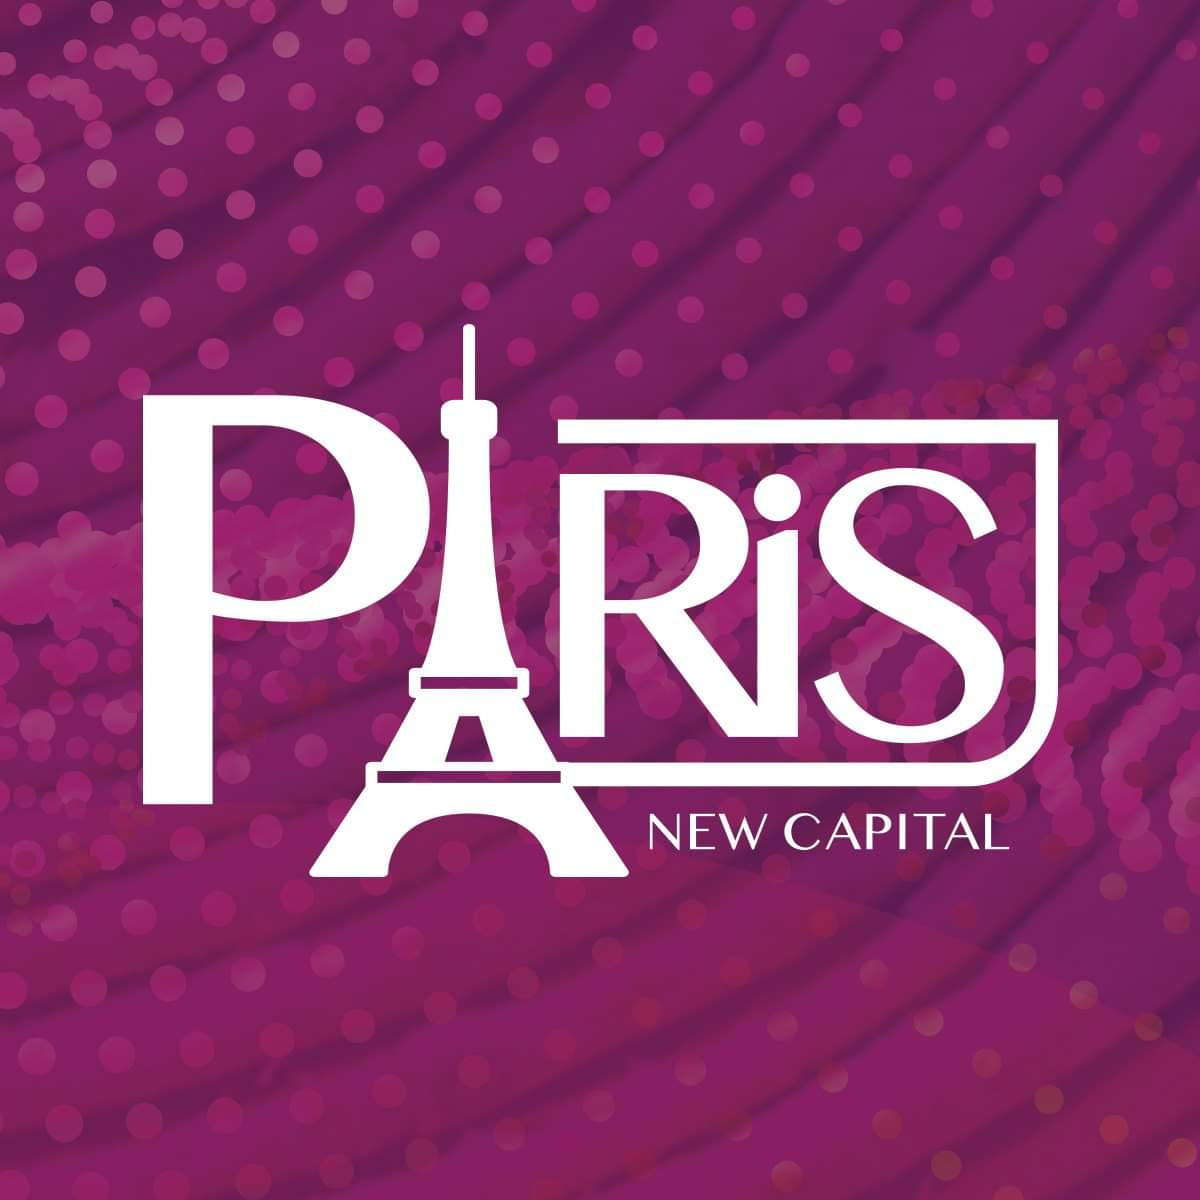 باريس مول 2 العاصمة الإدارية الجديدة-